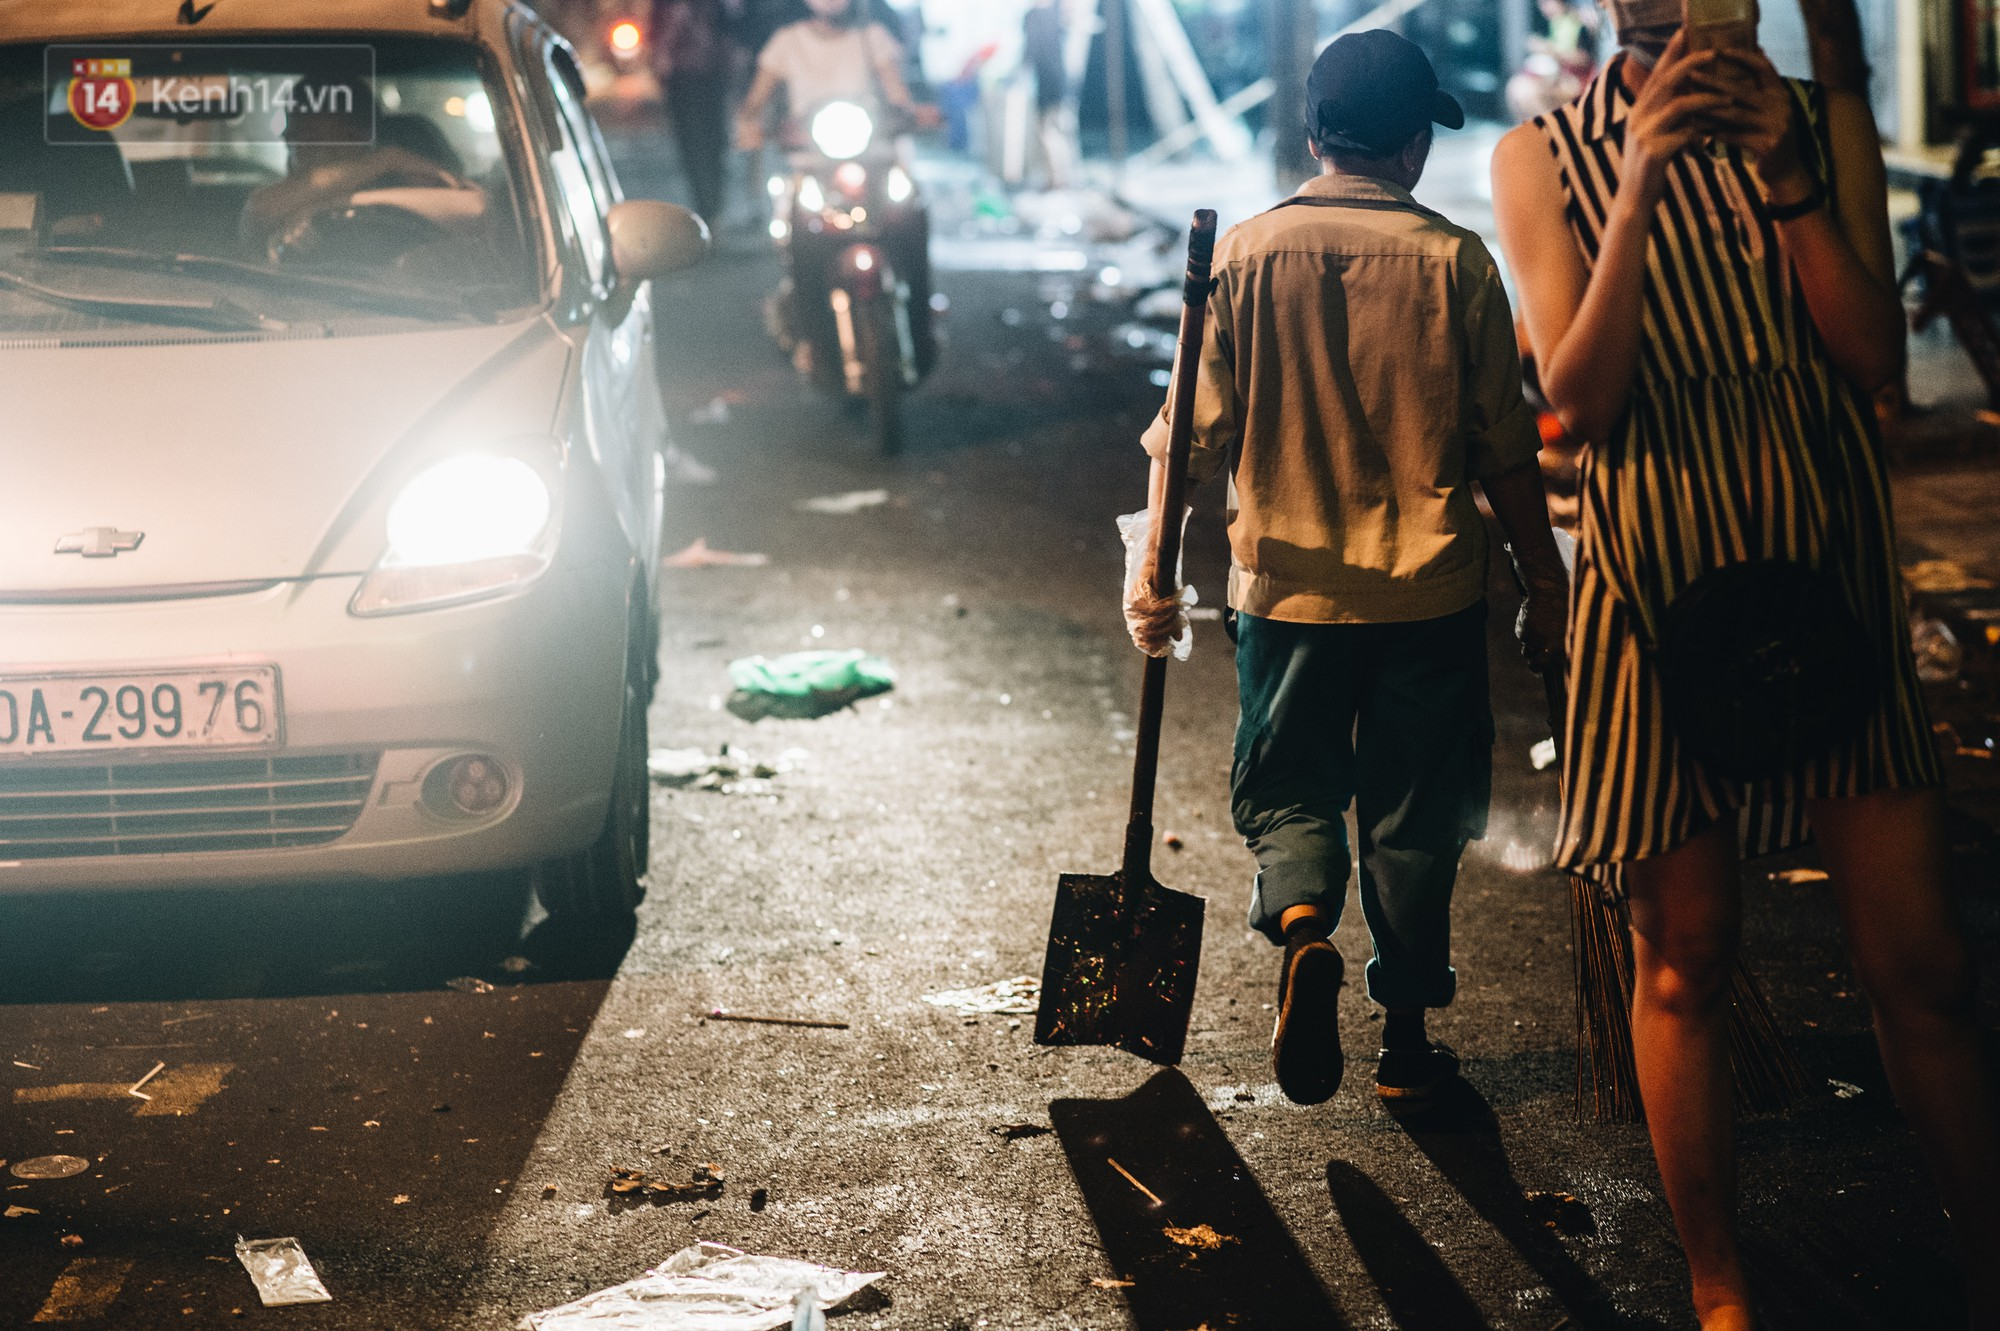 Sau Trung Thu, chợ truyền thống ở Hà nội ngập trong rác thải - Ảnh 12.